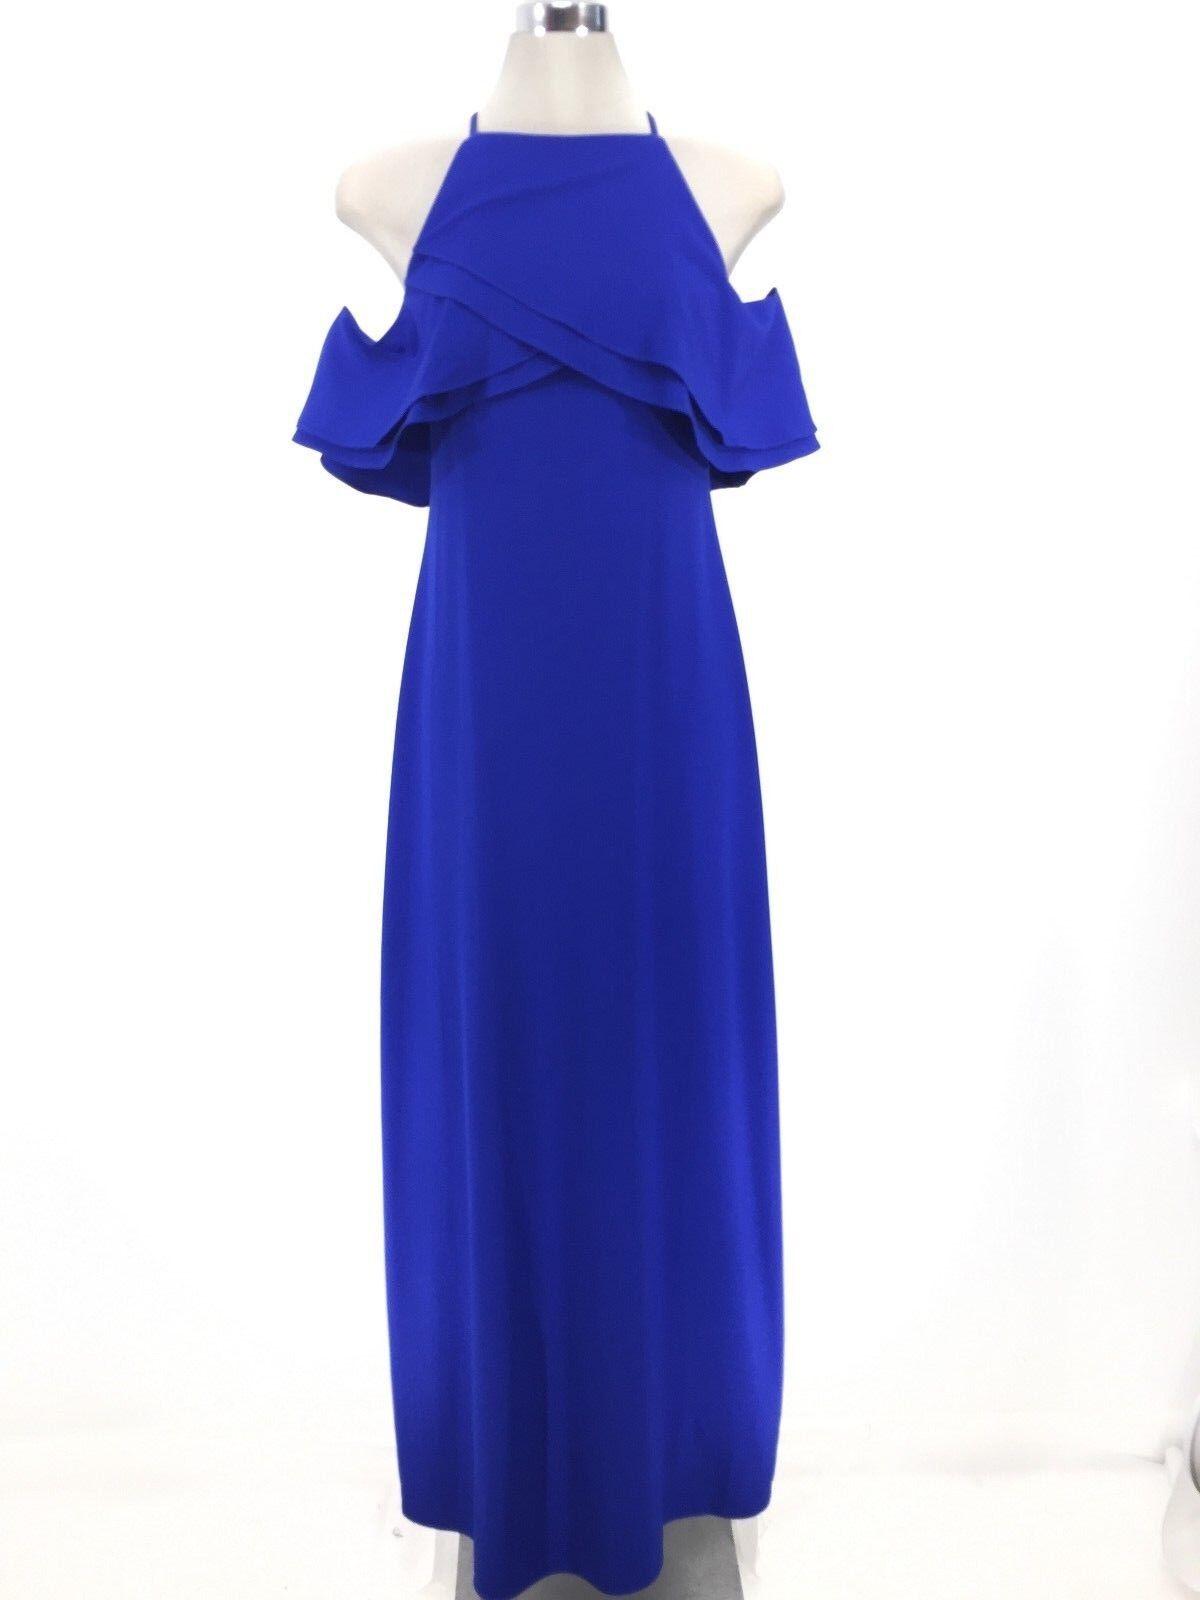 Marina NWT Stunning COBALT blueE Halter Cold shoulder Ruffle Maxi Dress